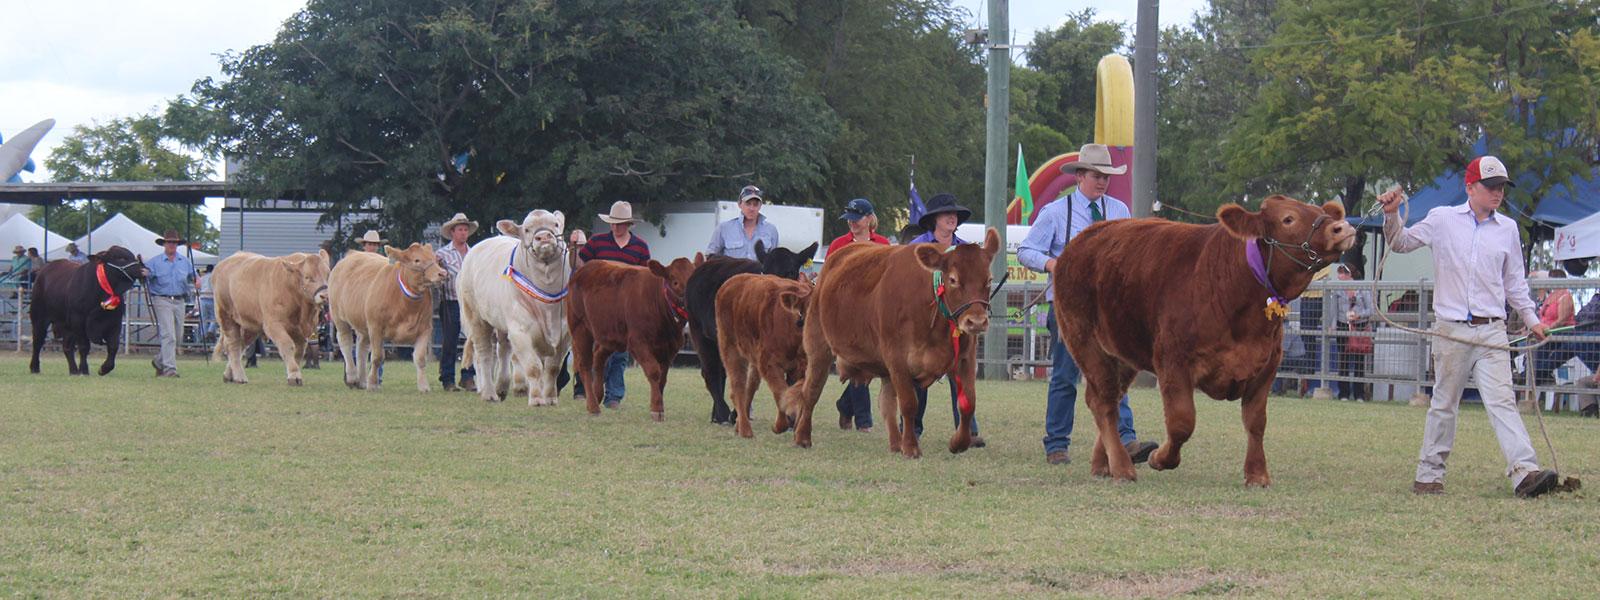 slider-cattleparade